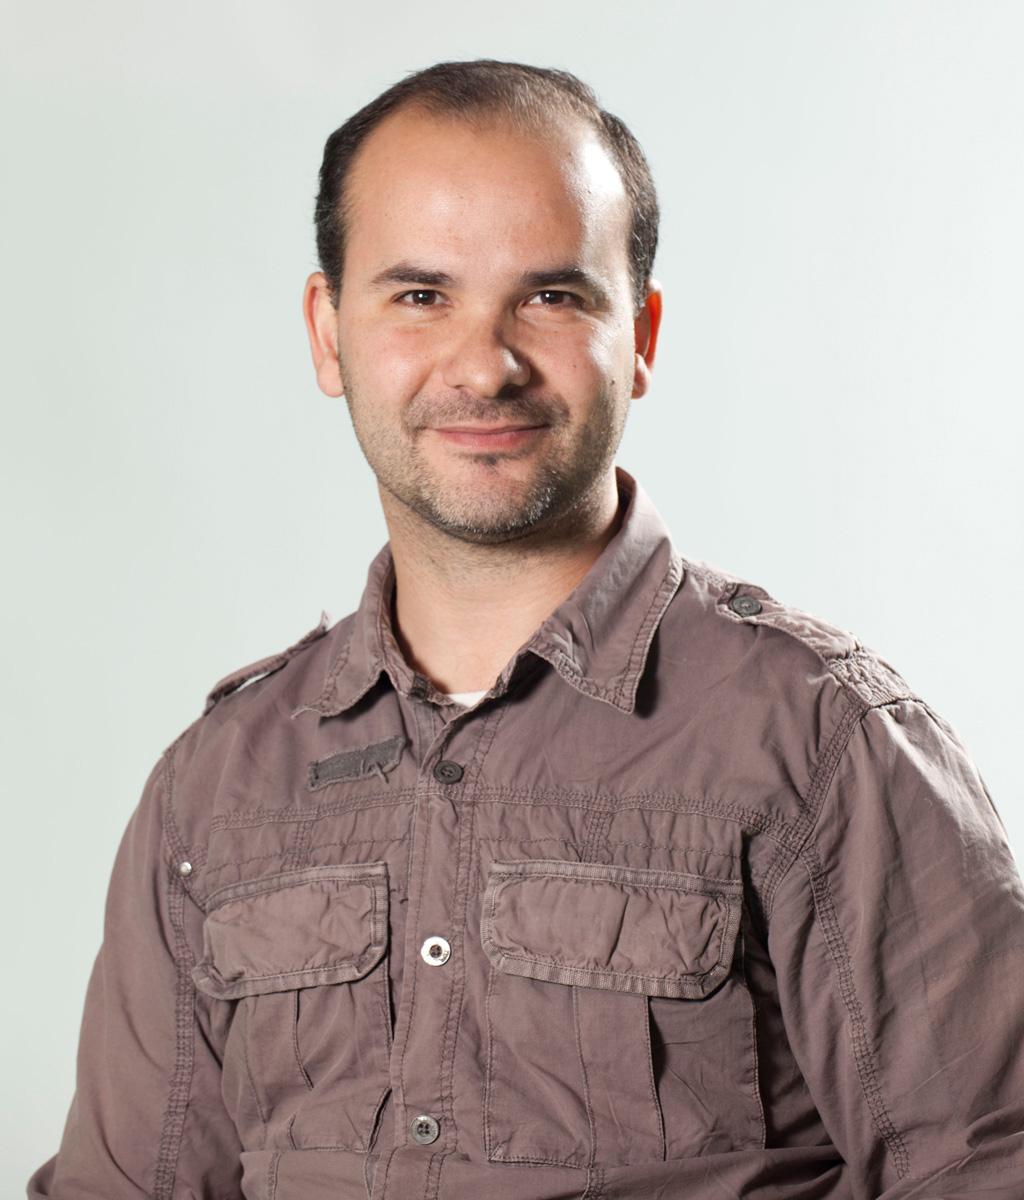 Roger Gimenez